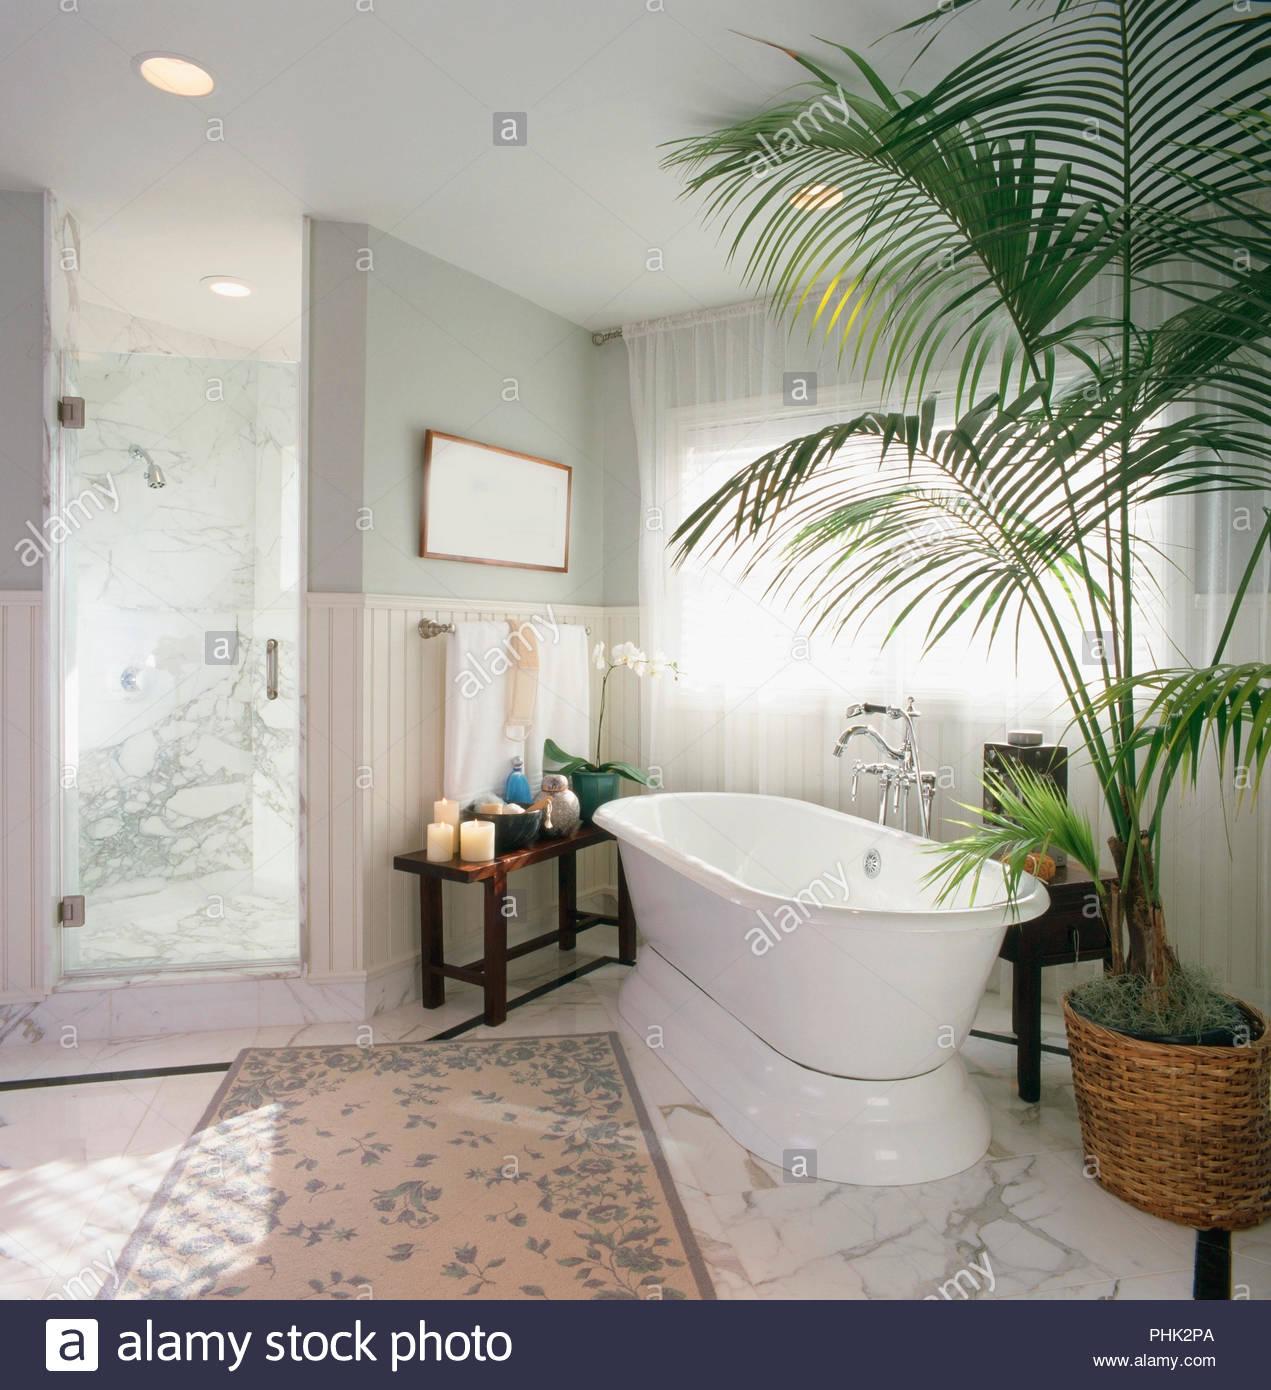 Badezimmer Pflanzen Balkon Blumen Hängend Bestimmt Pflanzen Fur